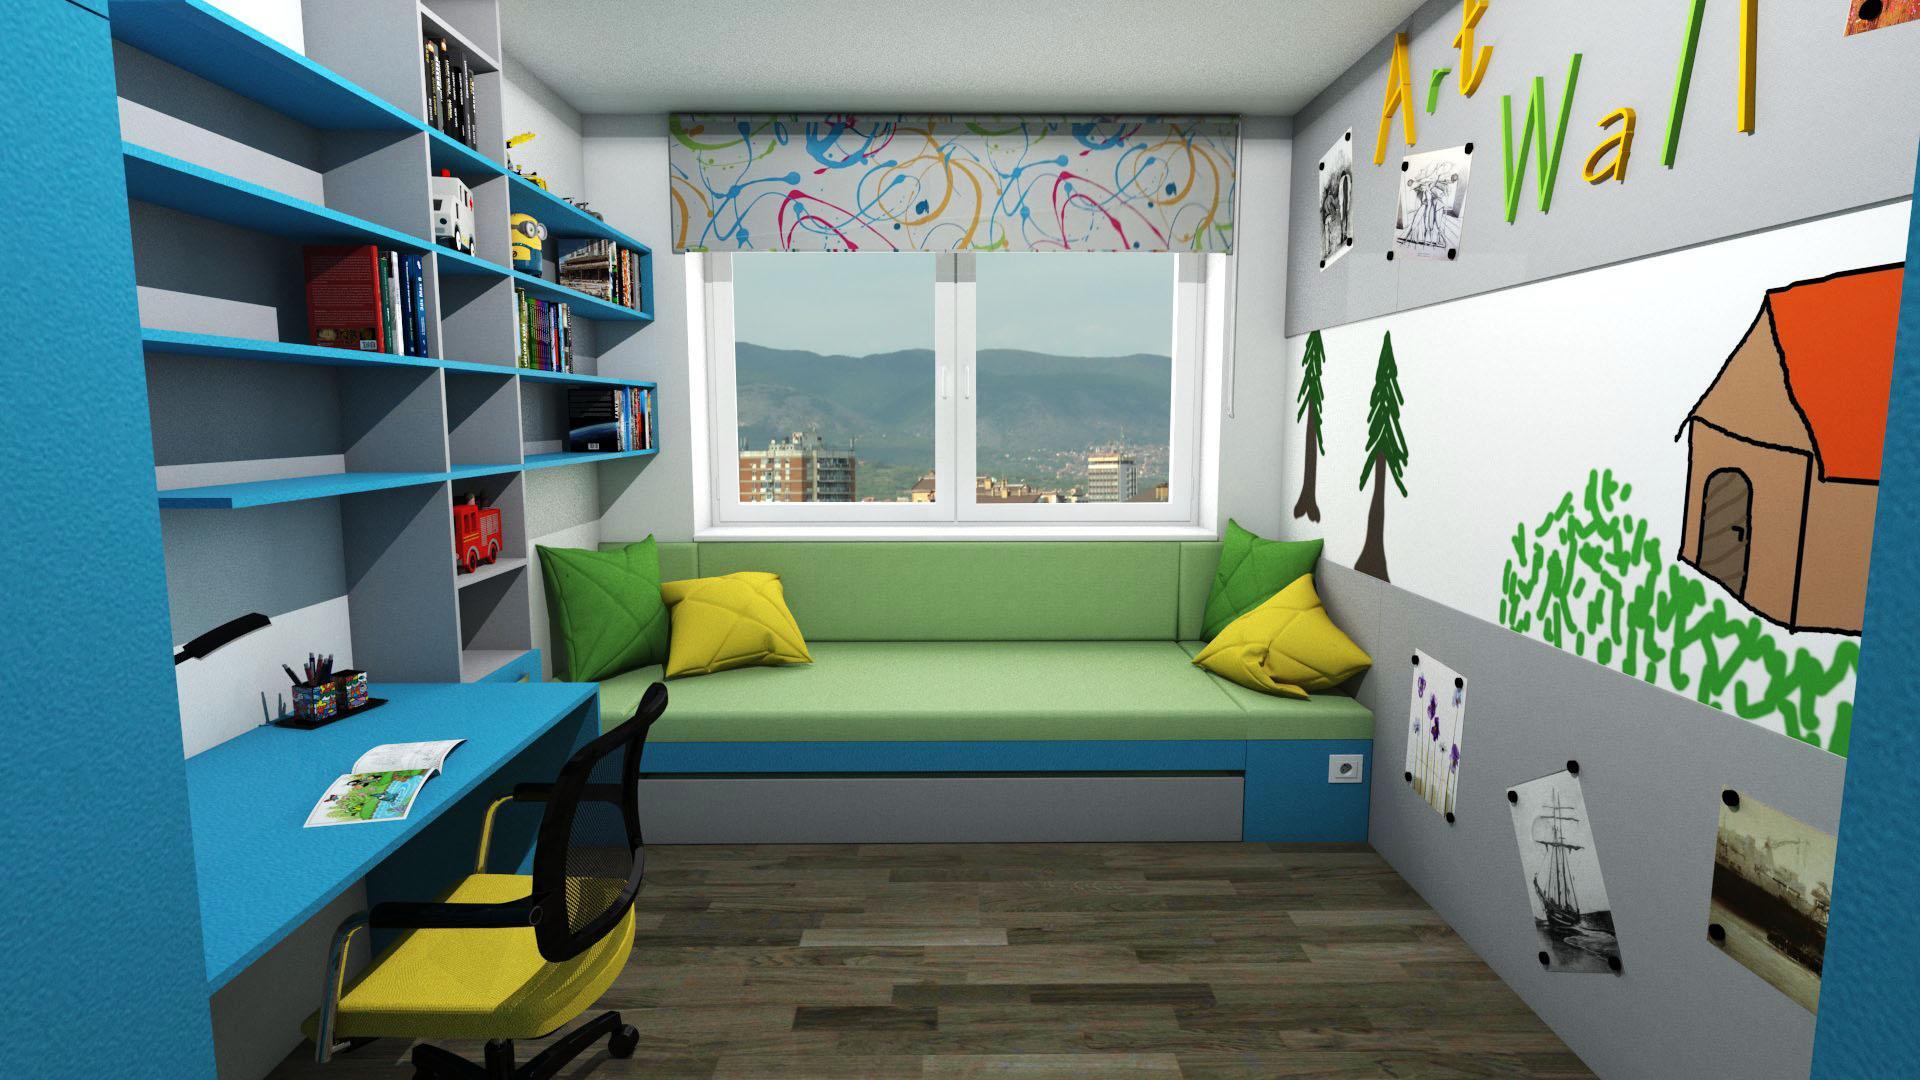 Dětské pokoje - Dětský pokoj s velkou postelí + příležitostné přespání kamaráda. Barevně laděno šedá, zelená, modrá - tyrkys.